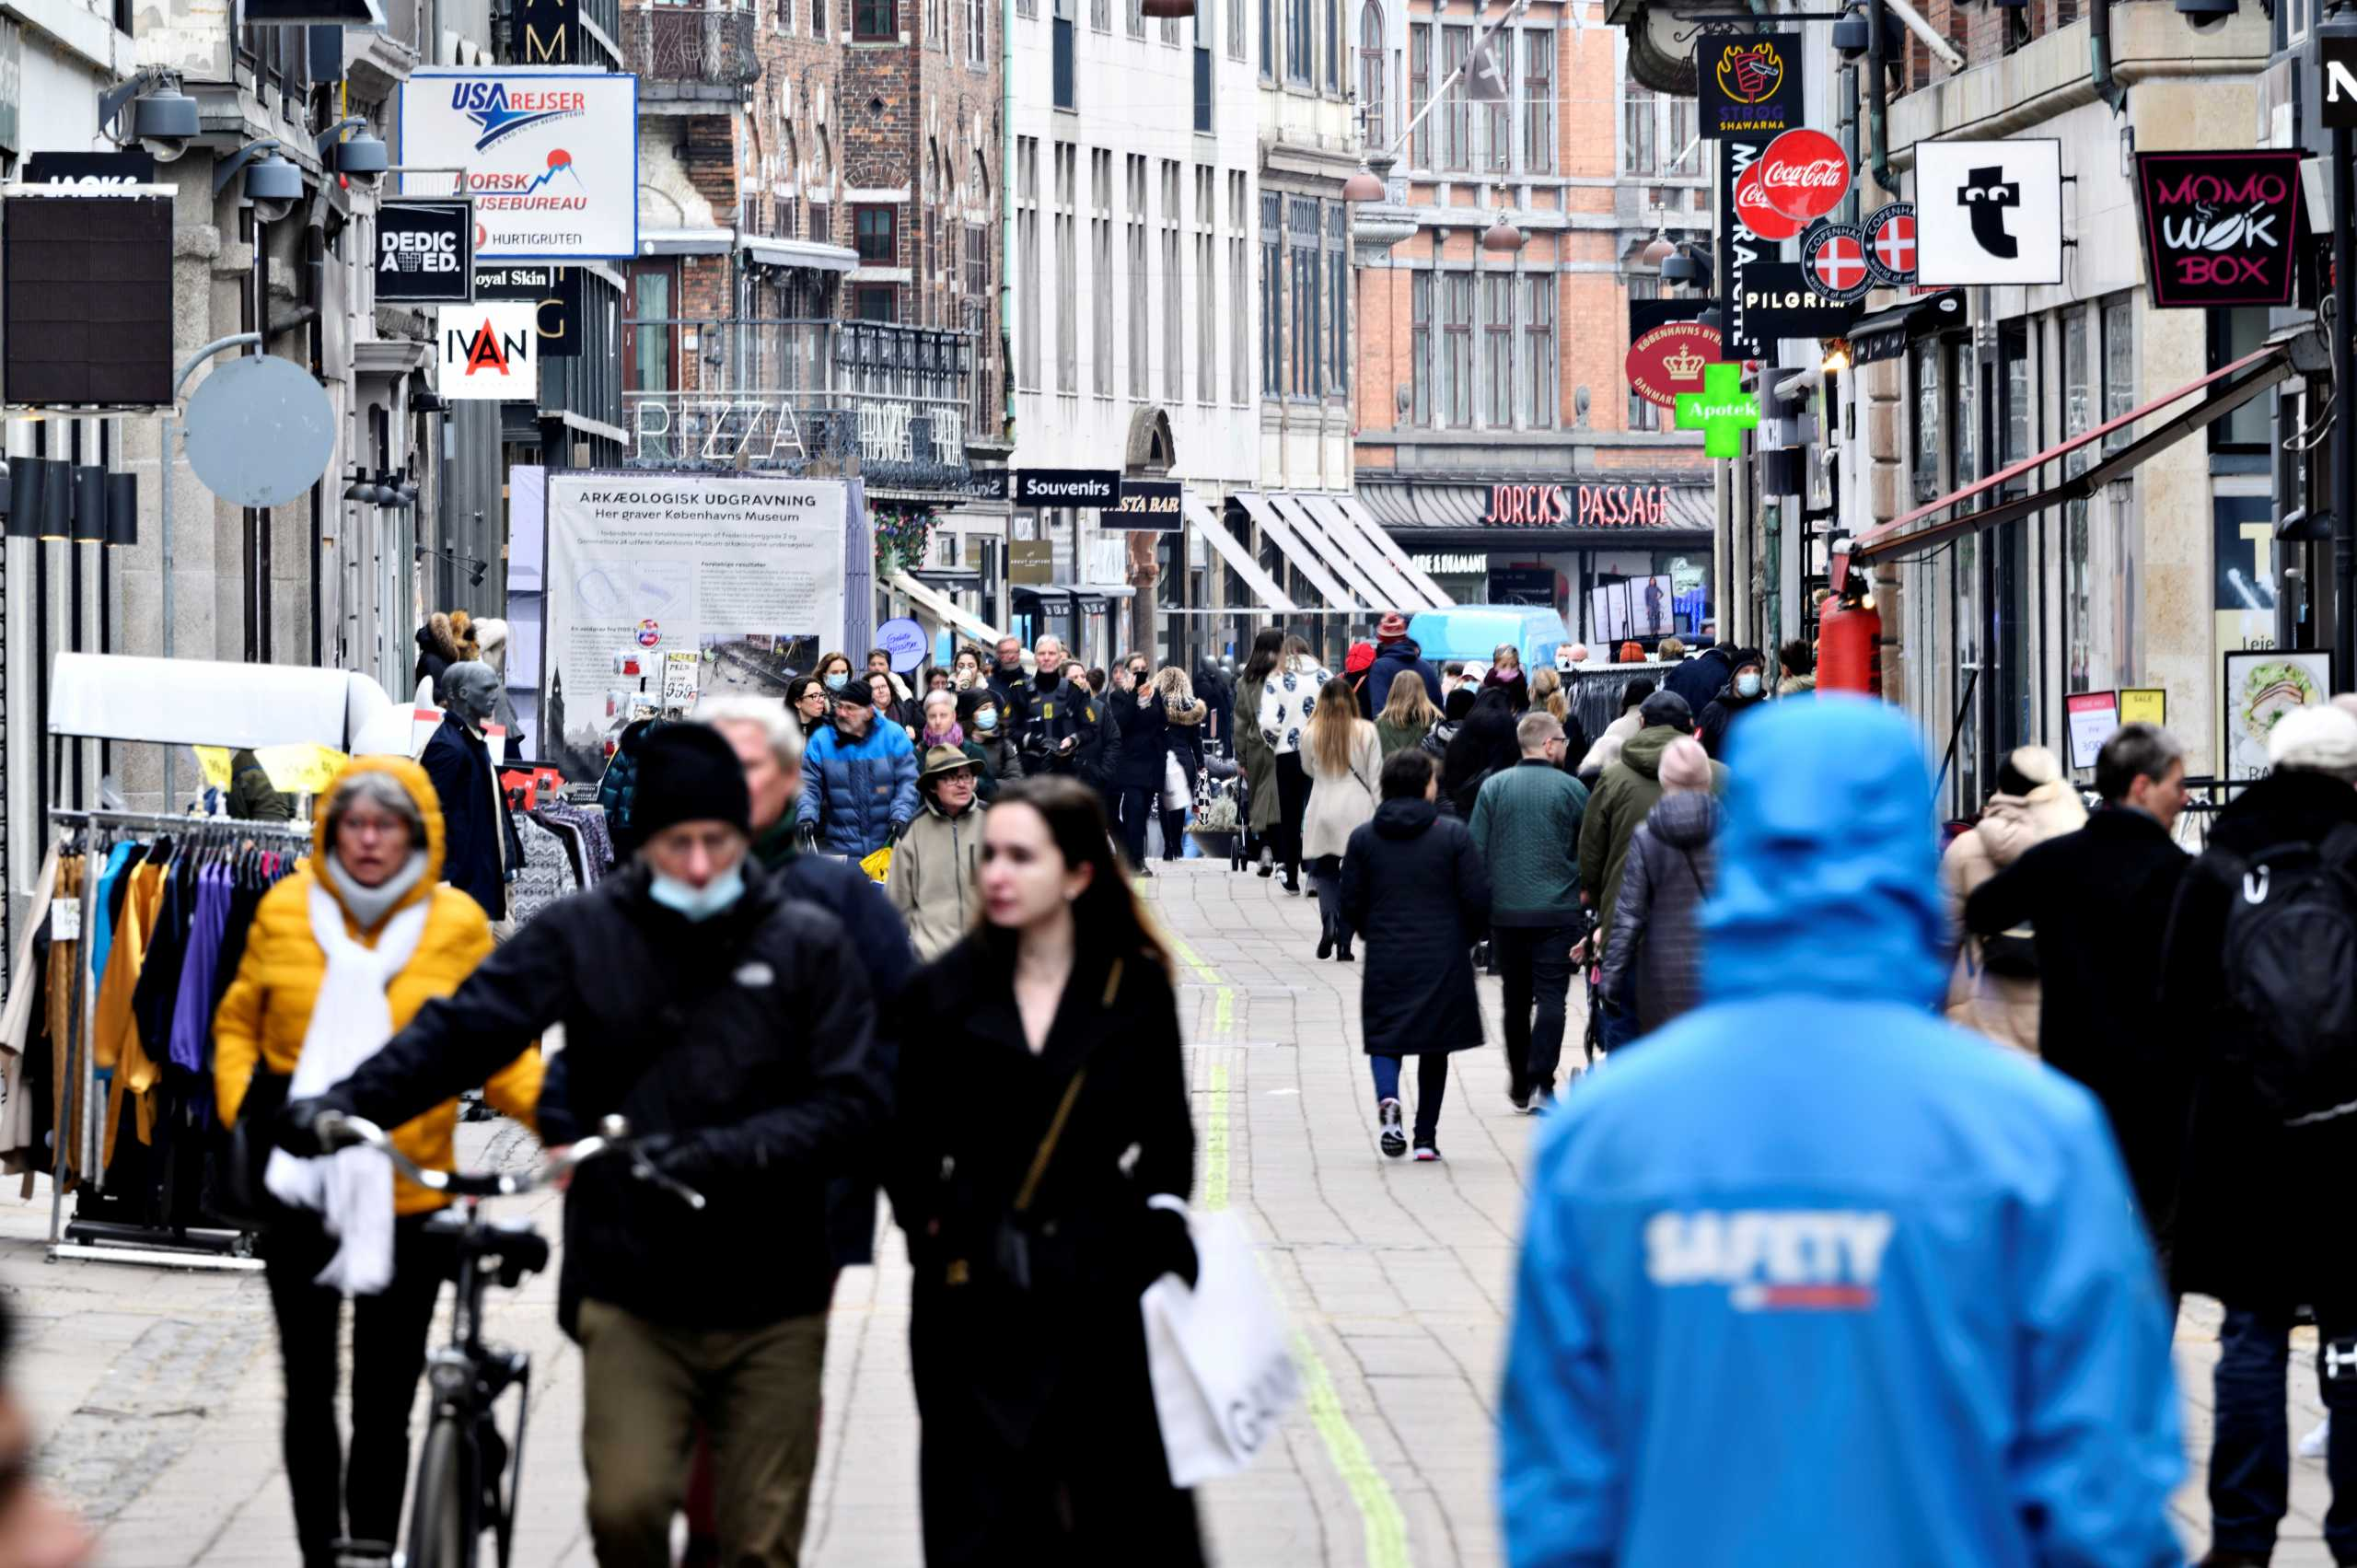 Το «corona pass» της Δανίας που επιτρέπει την πρόσβαση στην κοινωνική ζωή